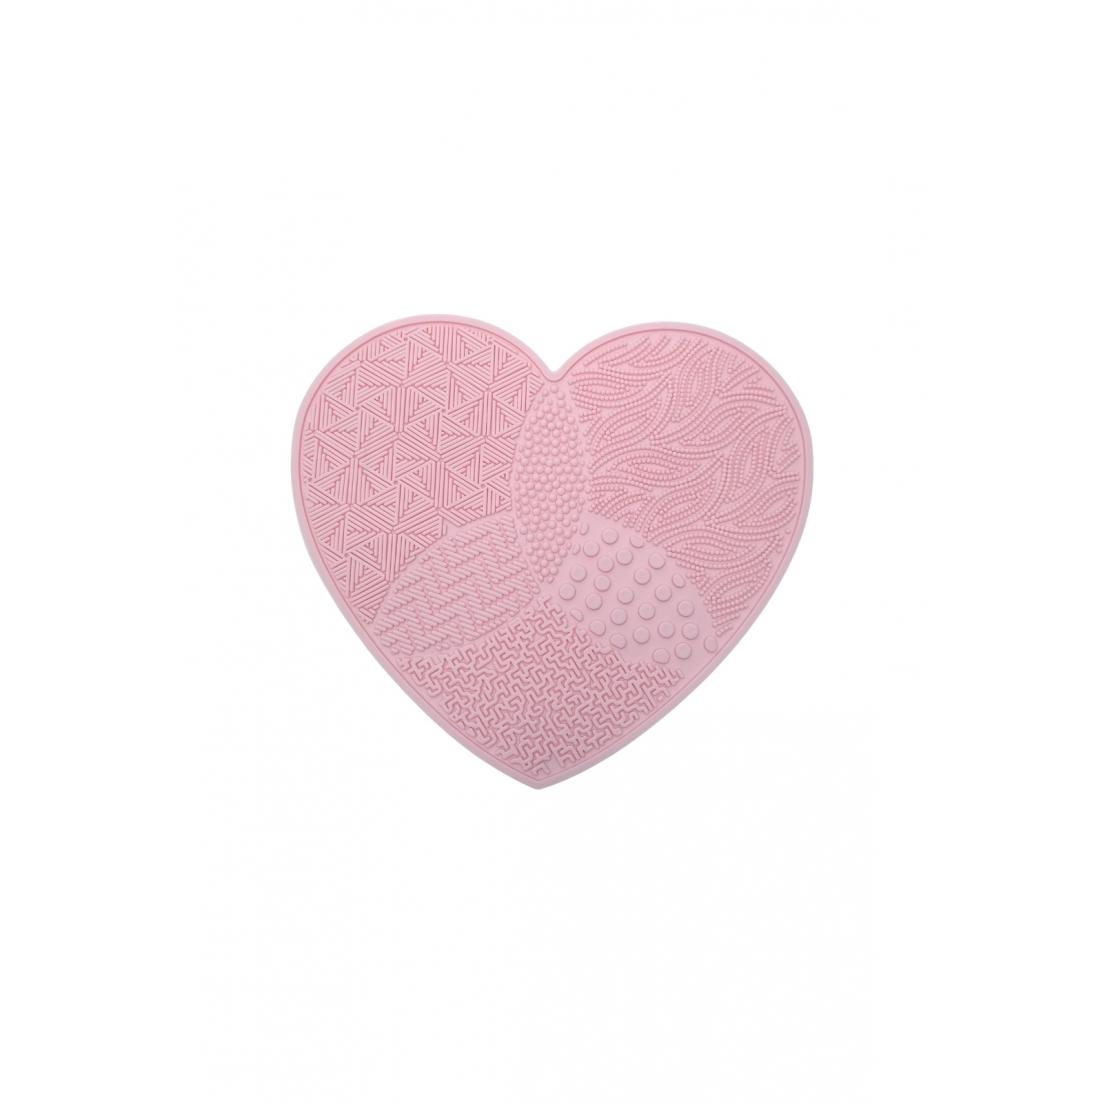 Tapete de silicone para limpar pincéis formato coração